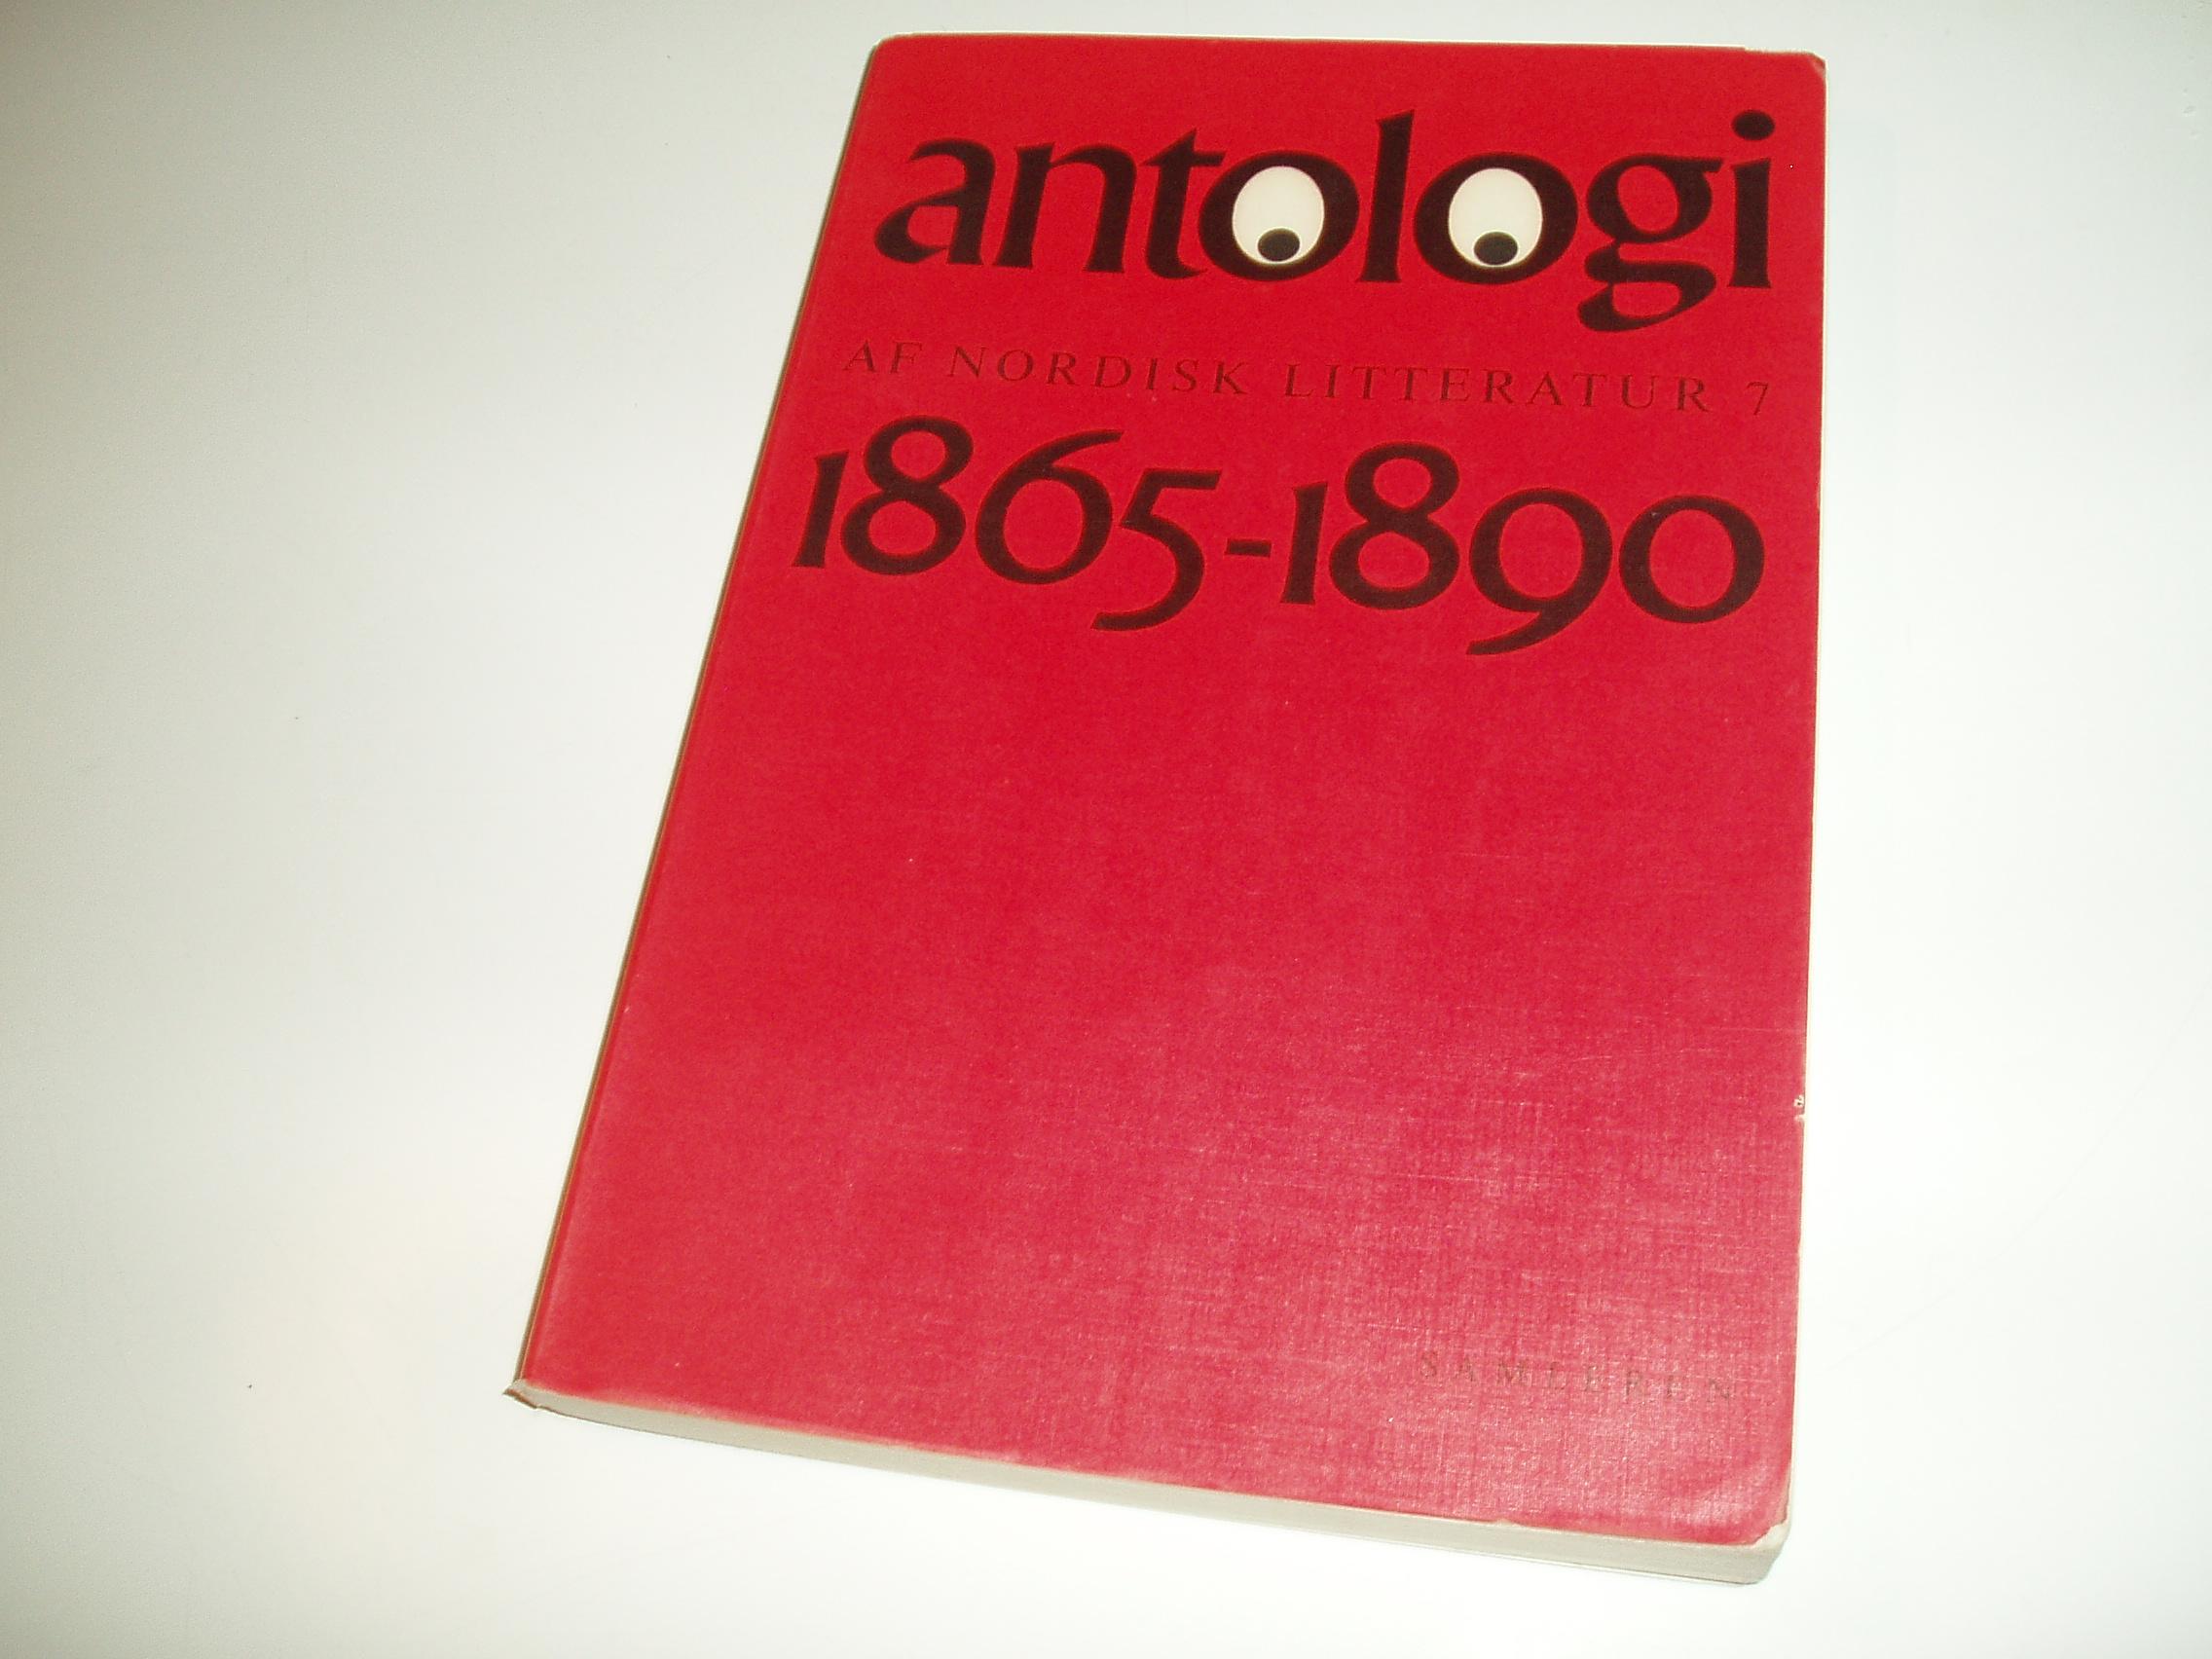 Antologi af nordisk litteratur, bind 7. Perioden1865-1890